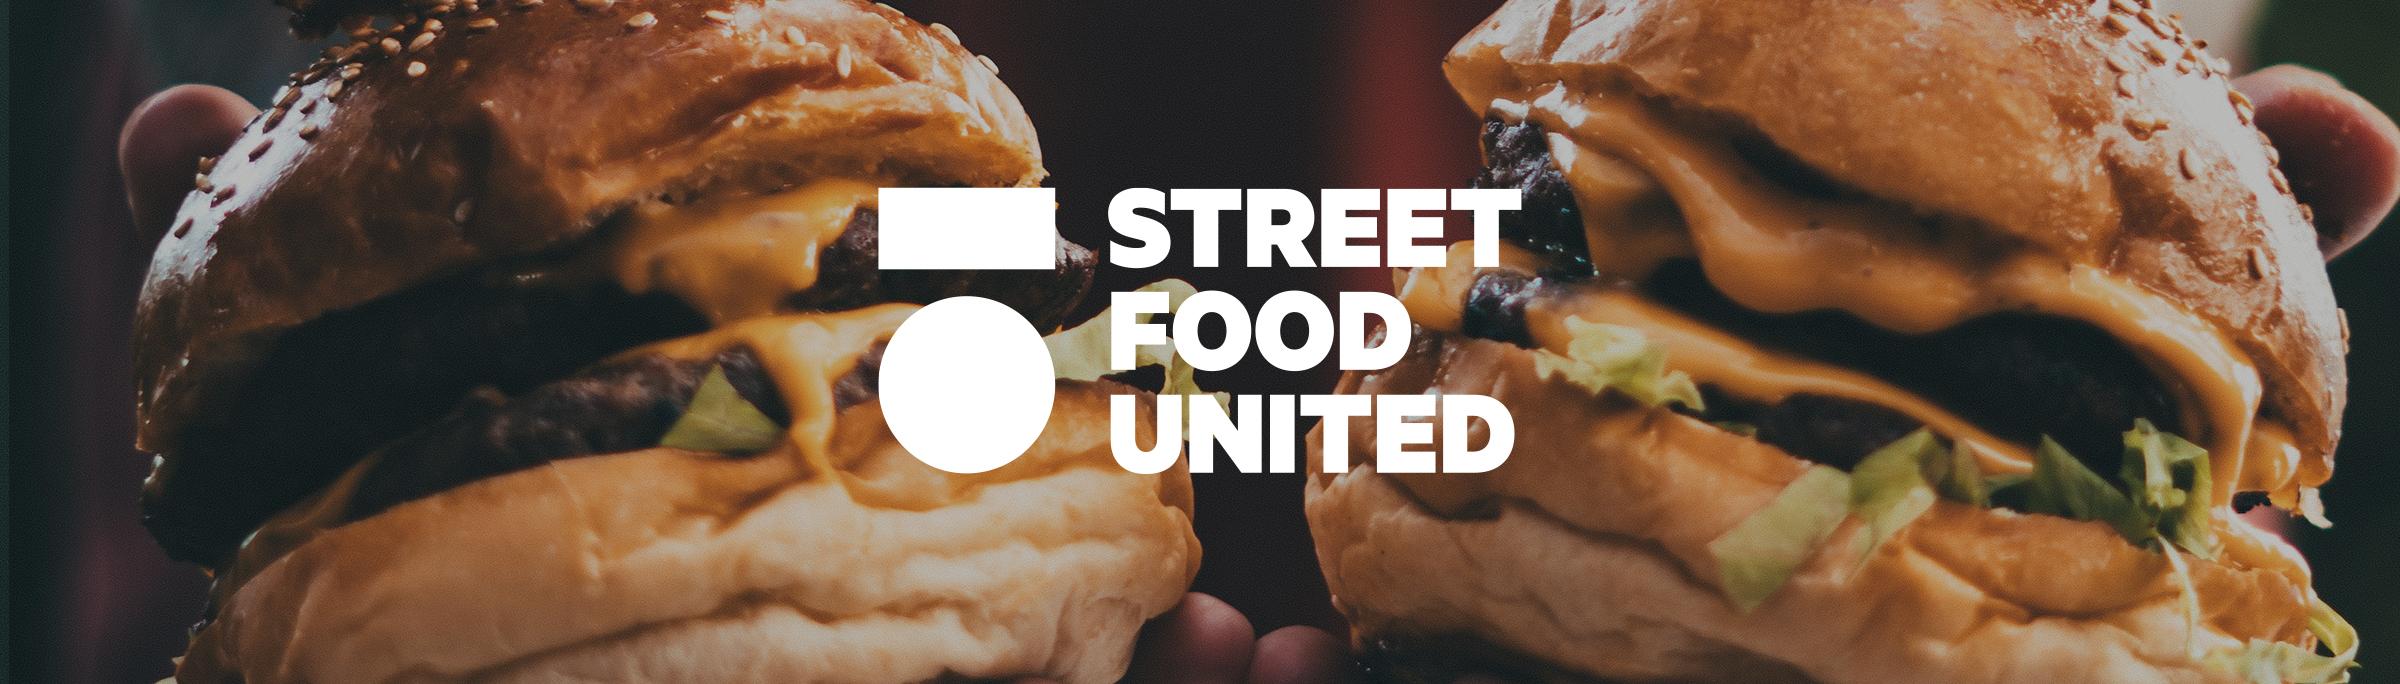 Burger Street Food United